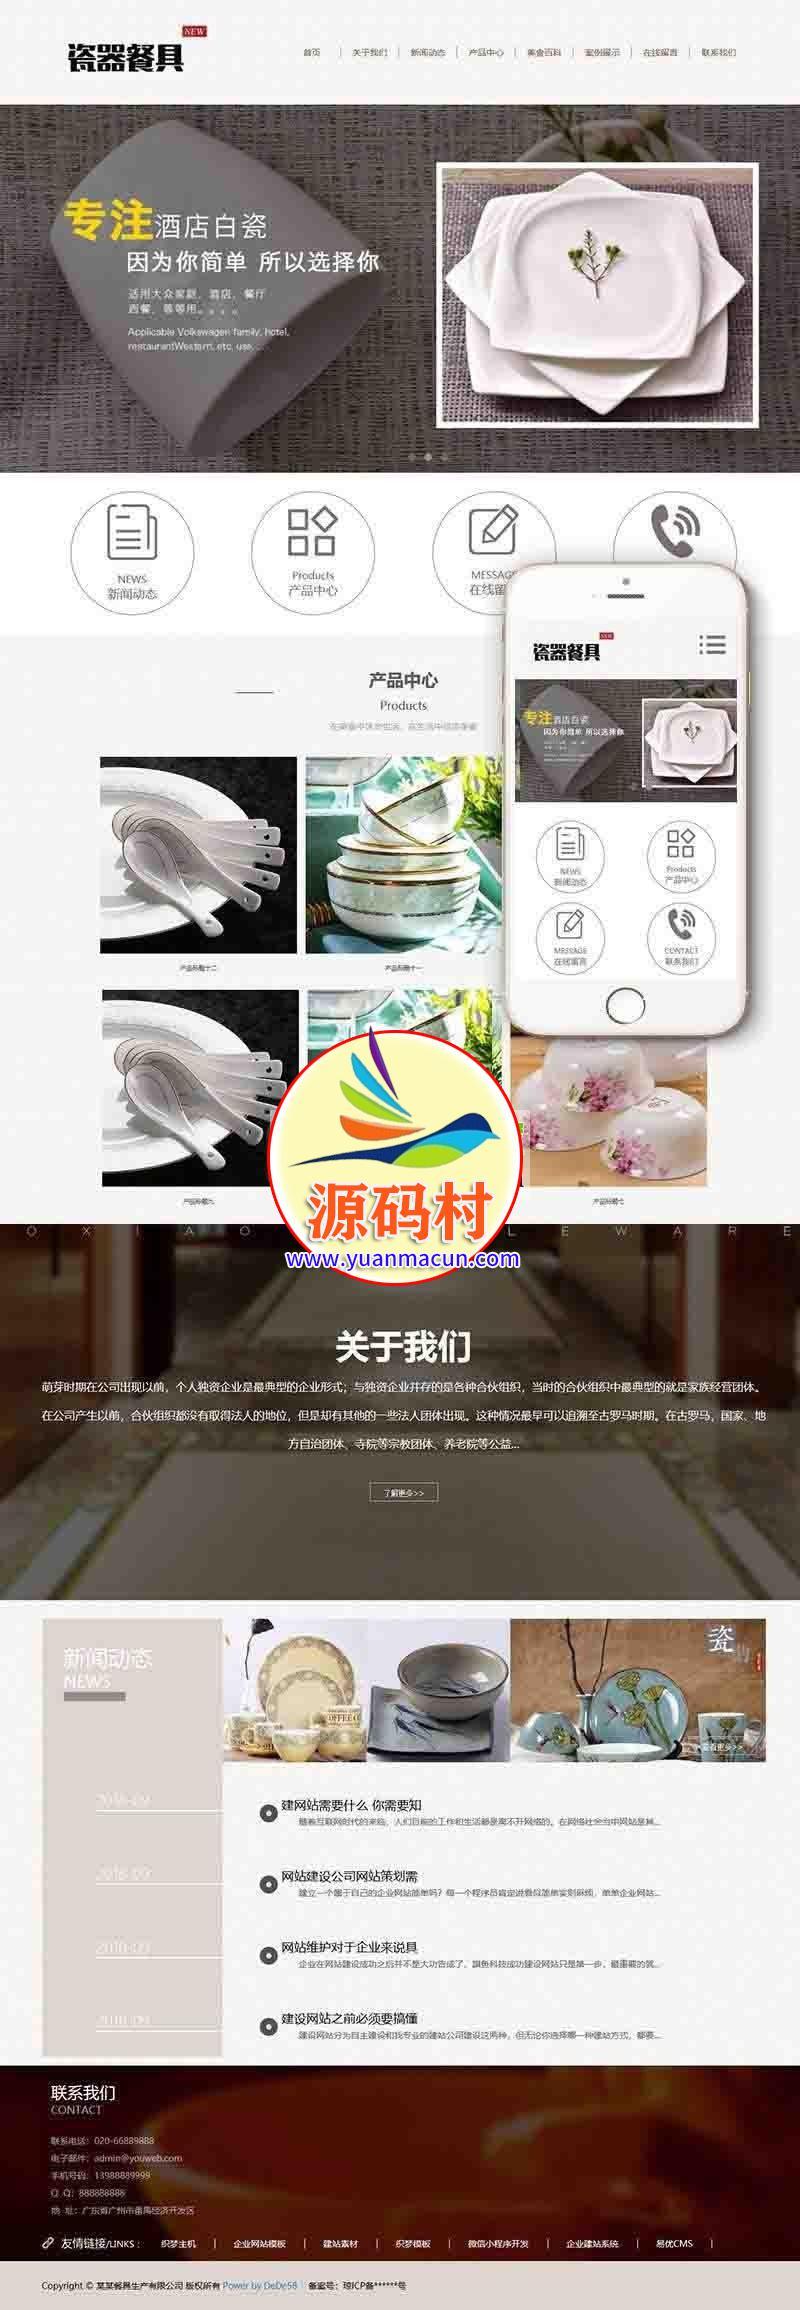 dedecms织梦响应式餐具类网站源码(自适应手机端) 瓷器餐具生产公司官网展示源码下载